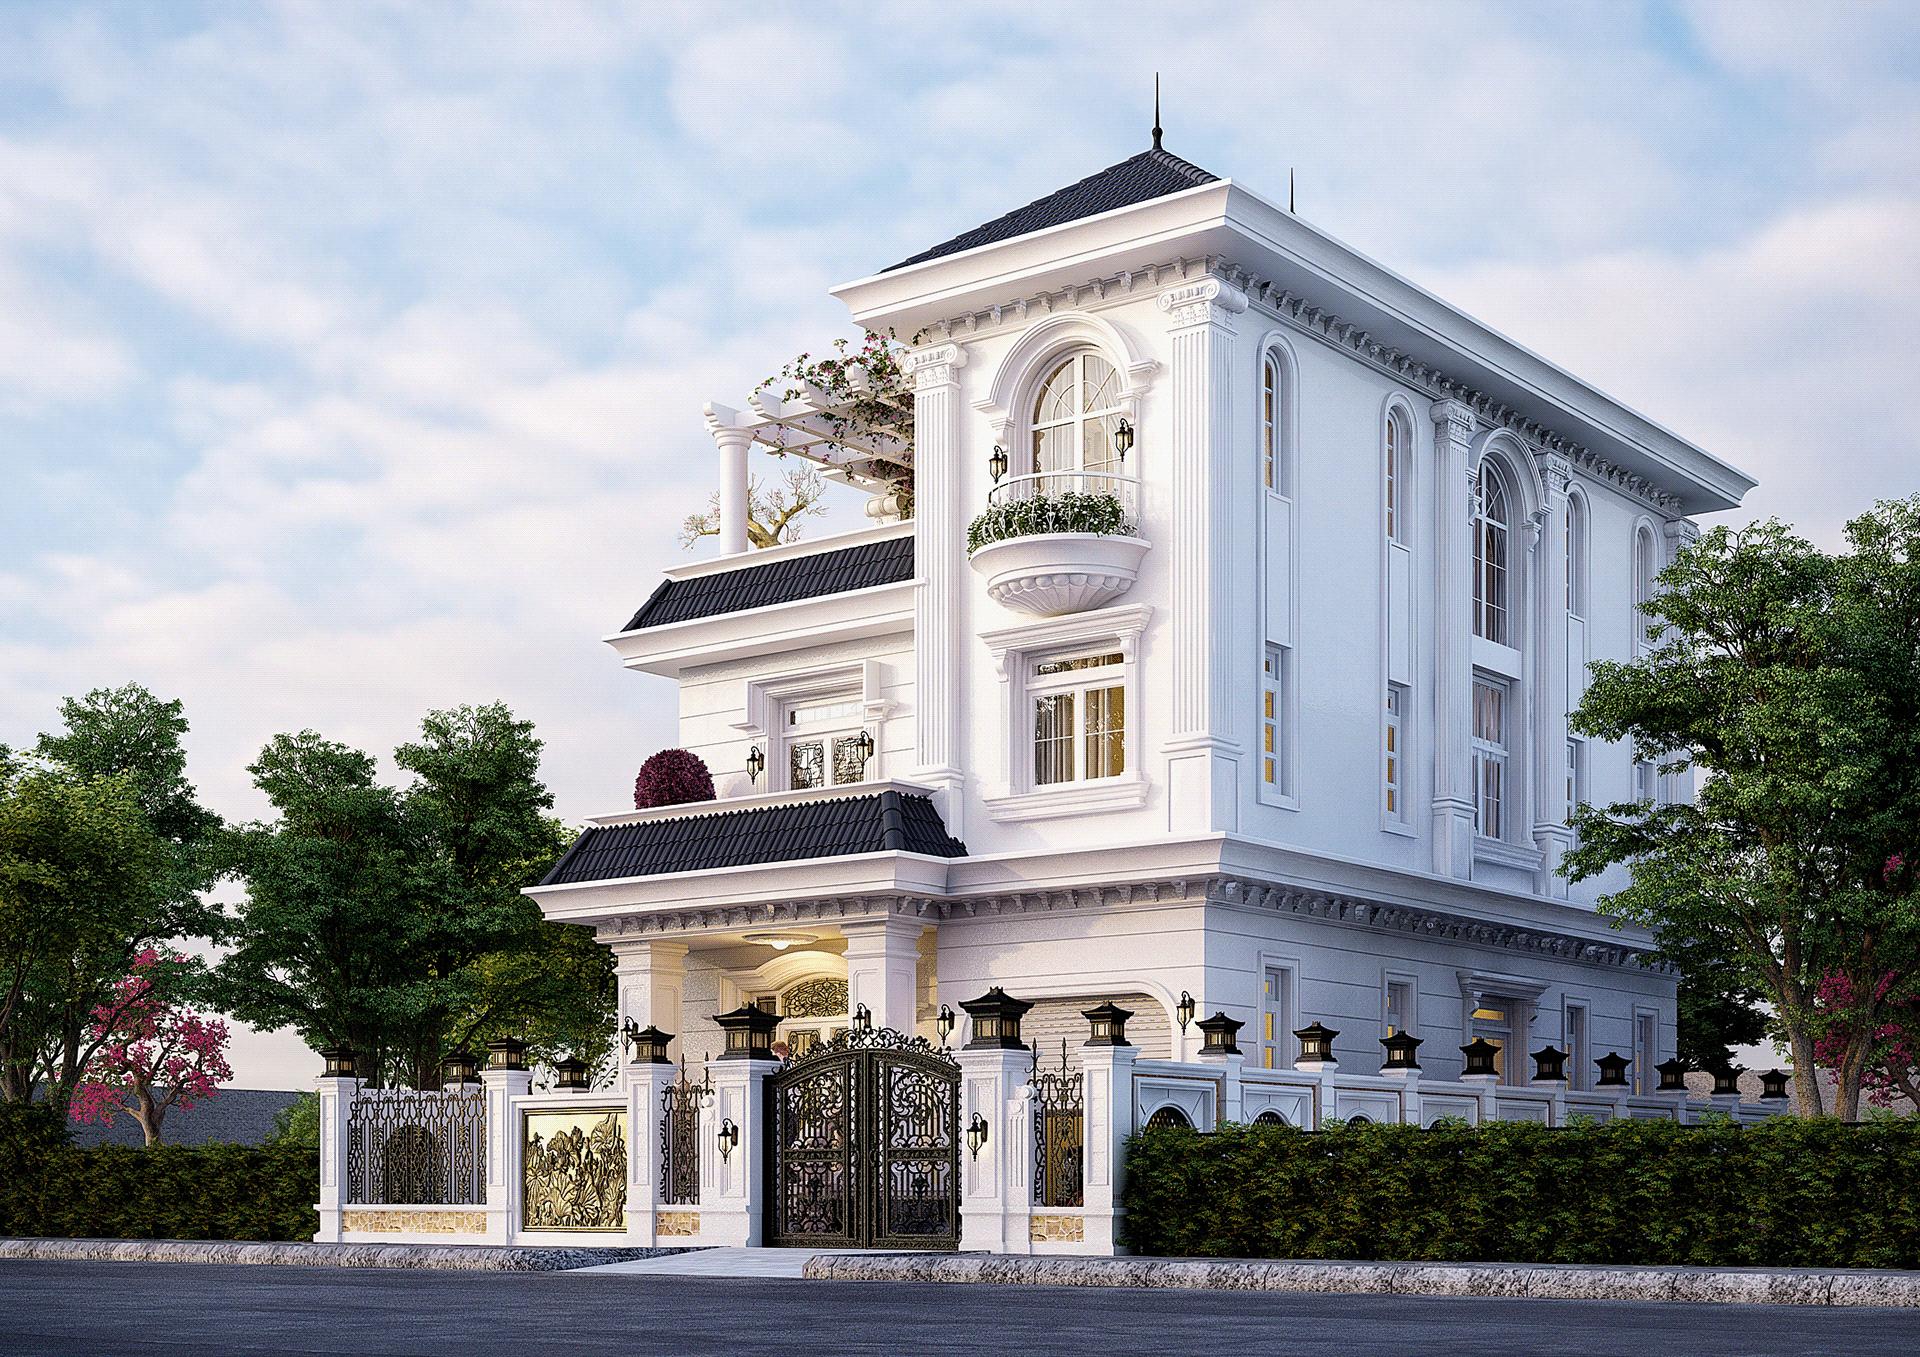 Thiết kế kiến trúc biệt thự phố hiện đại kết hợp tân cổ điển